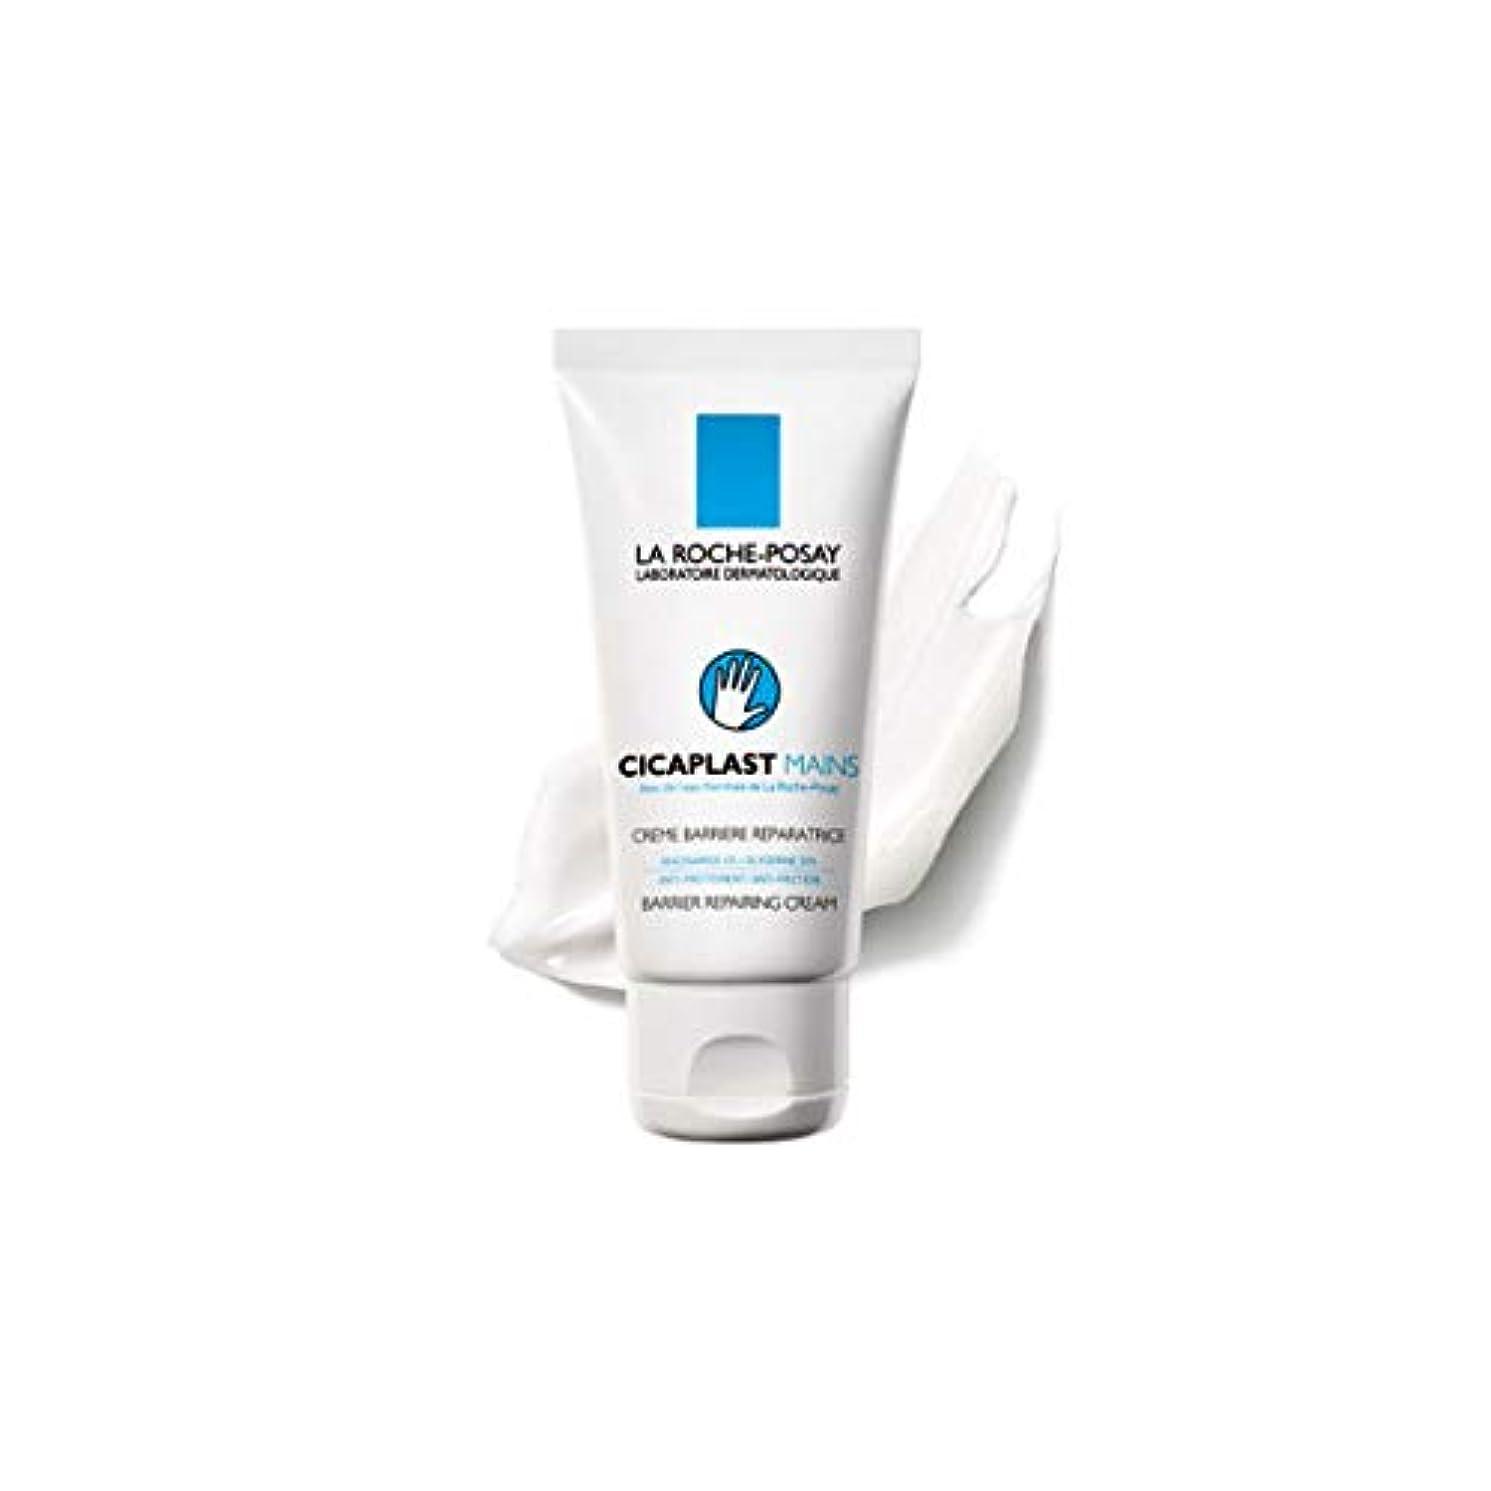 十分に女将慈悲LAROCHE-POSAY Cicaplast デイリーハンドトリートメントクリーム Daily Hand Treatment Cream